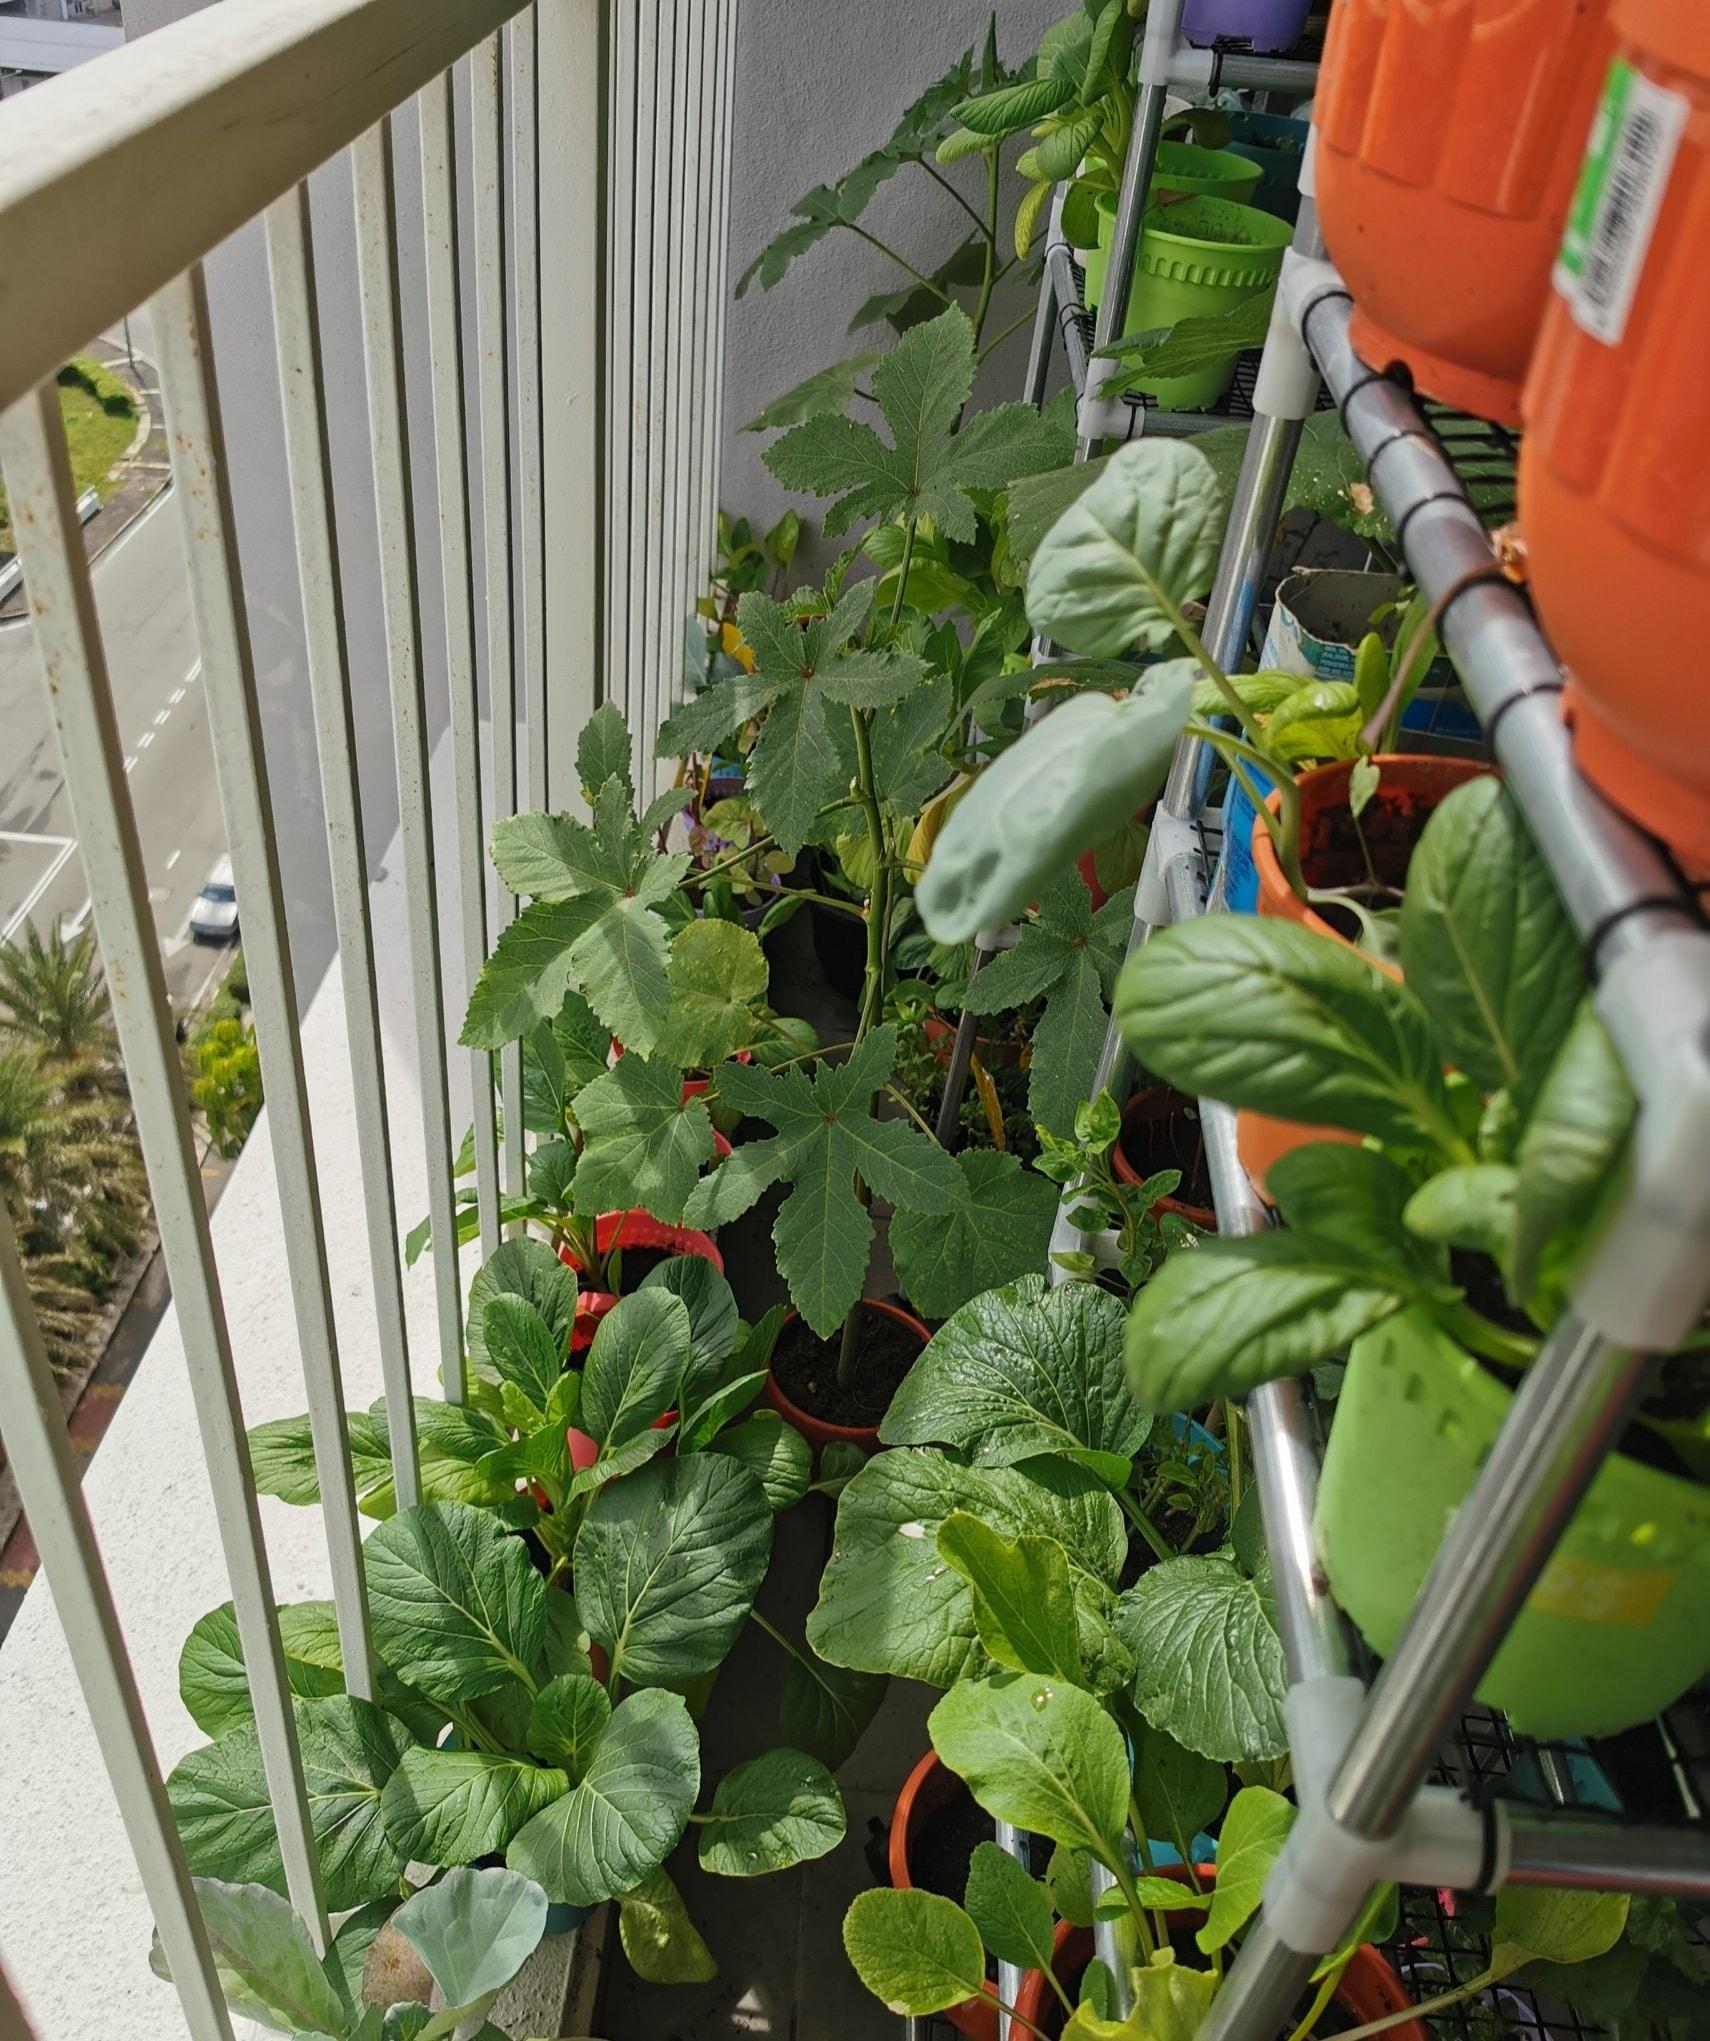 Wanita Ini Bagi Tip Berkebun Secara Organik Di Balkoni Tingakat 10, Memang Subur 2